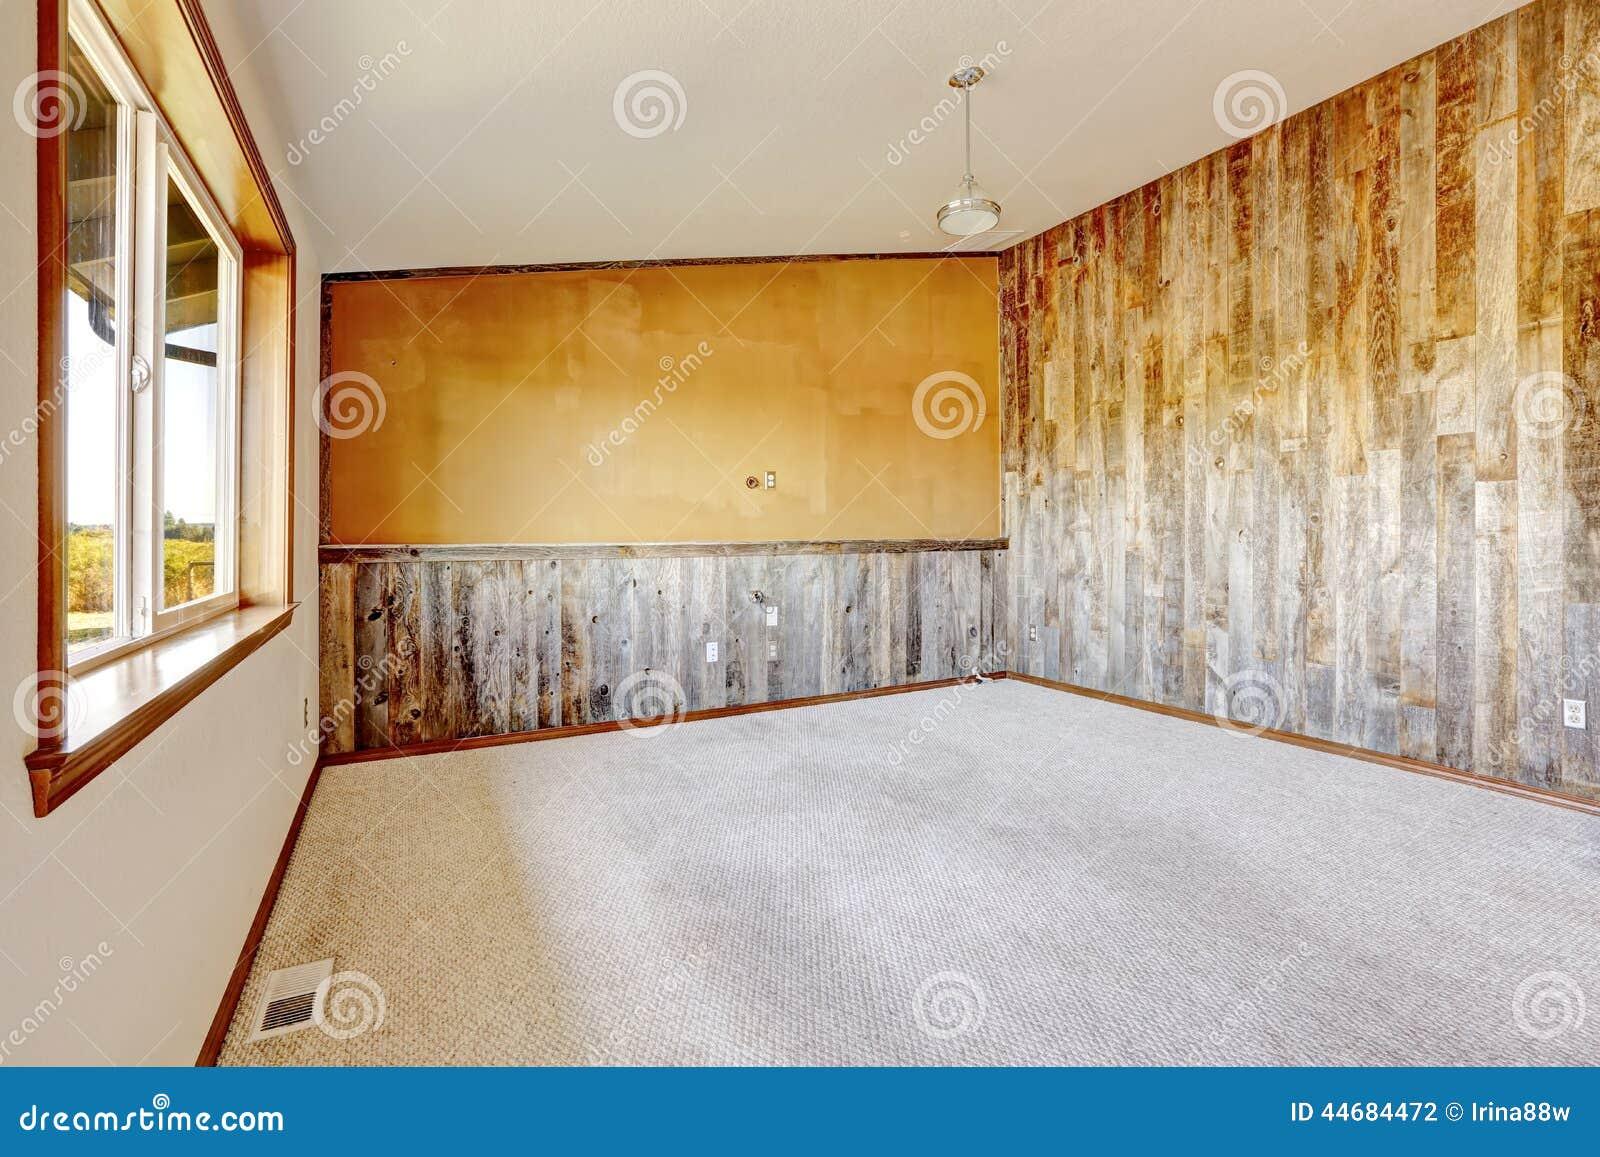 La Plinthe Du Mur intérieur vide de maison de campagne mur orange avec la